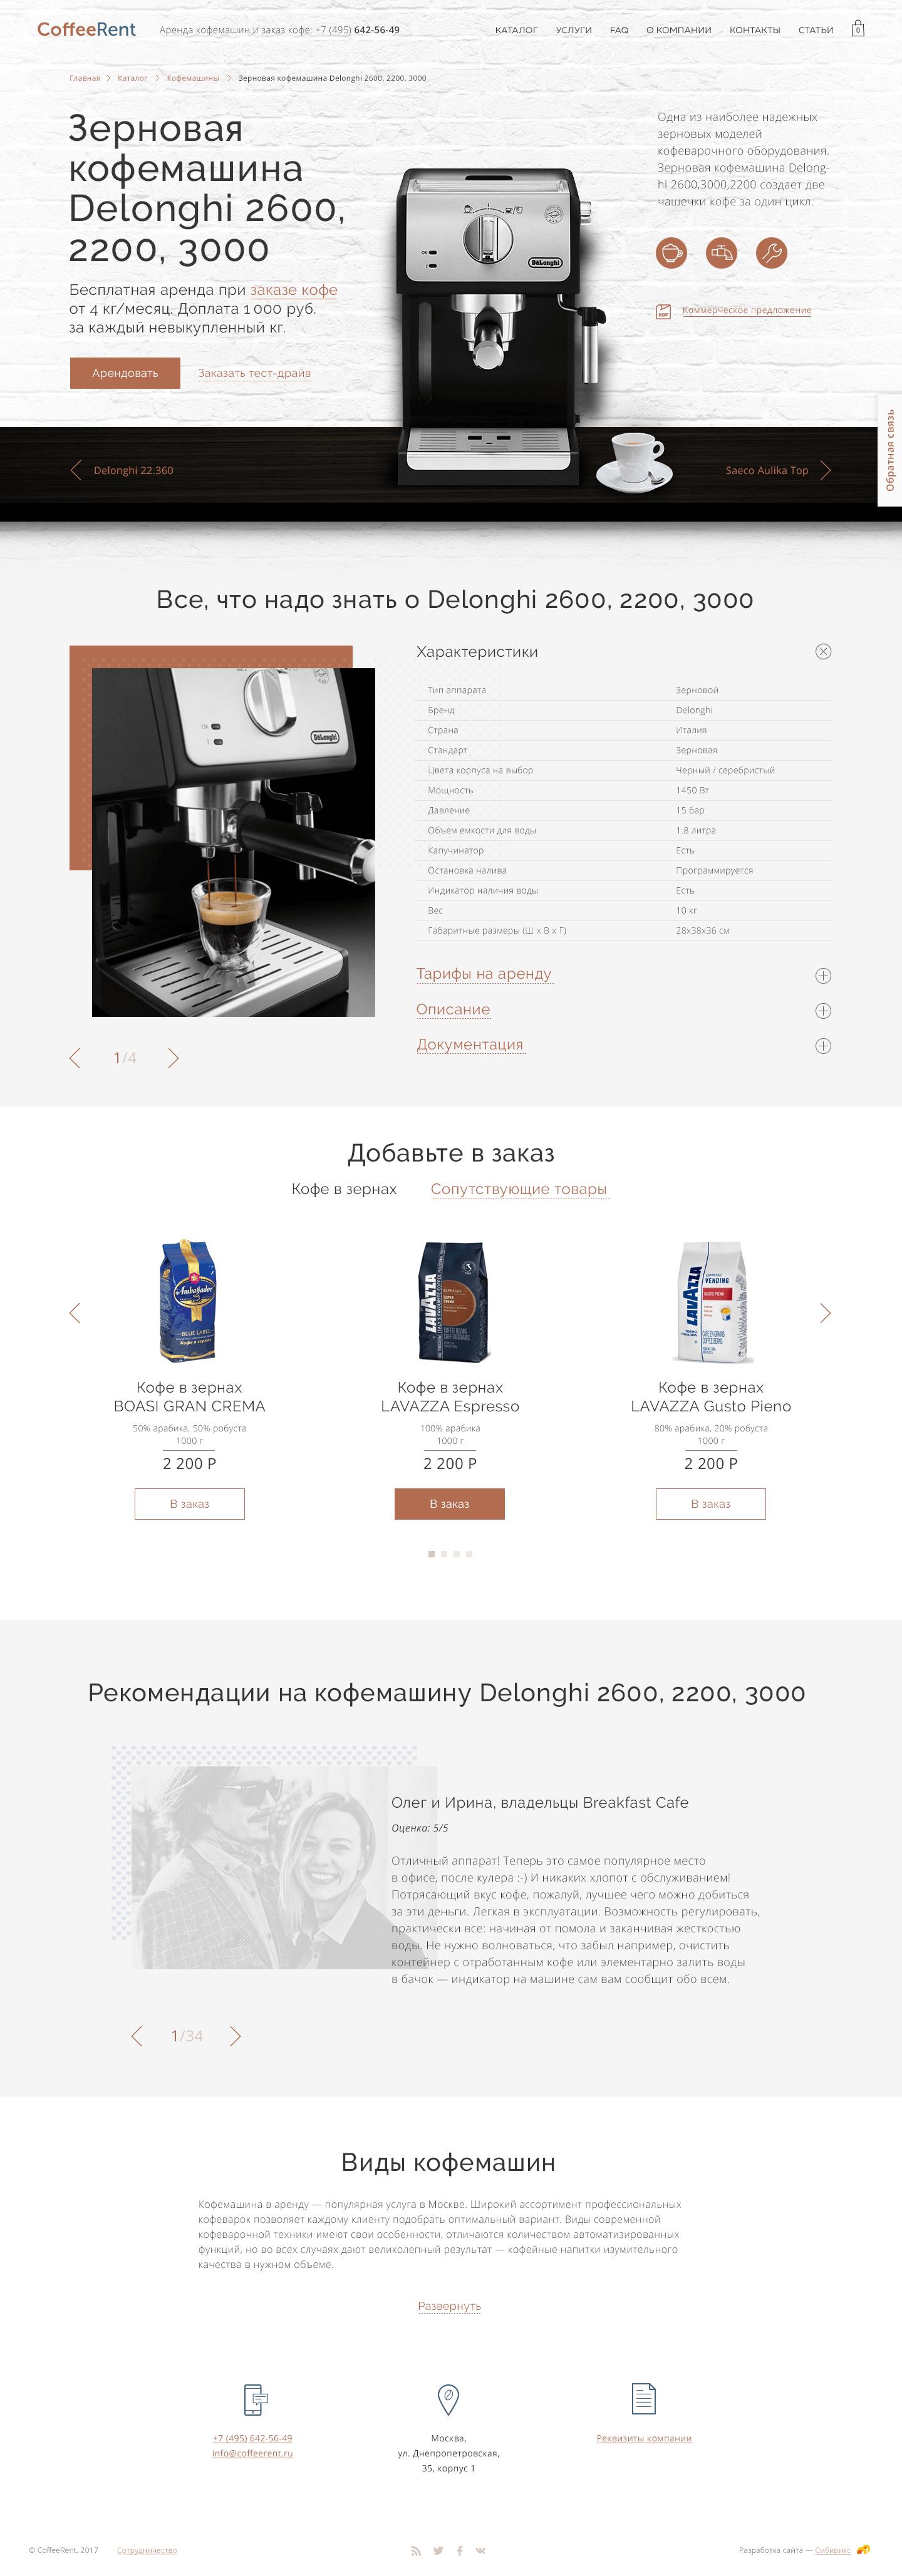 <p><b>Страница кофемашины</b></p><p>Если зайти настраницу конкретной кофемашины, появится импровизированная столешница, накоторой стоит аппарат. Рядом вся ключевая информация— рекомендуемая нагрузка врасчёте наколичество чашек вдень, иконки спараметрами (подключение кводопроводу, автоматический капучинатор или бесплатное обслуживание), атакже кнопка «арендовать» для быстрого перехода кформе заявки.</p>